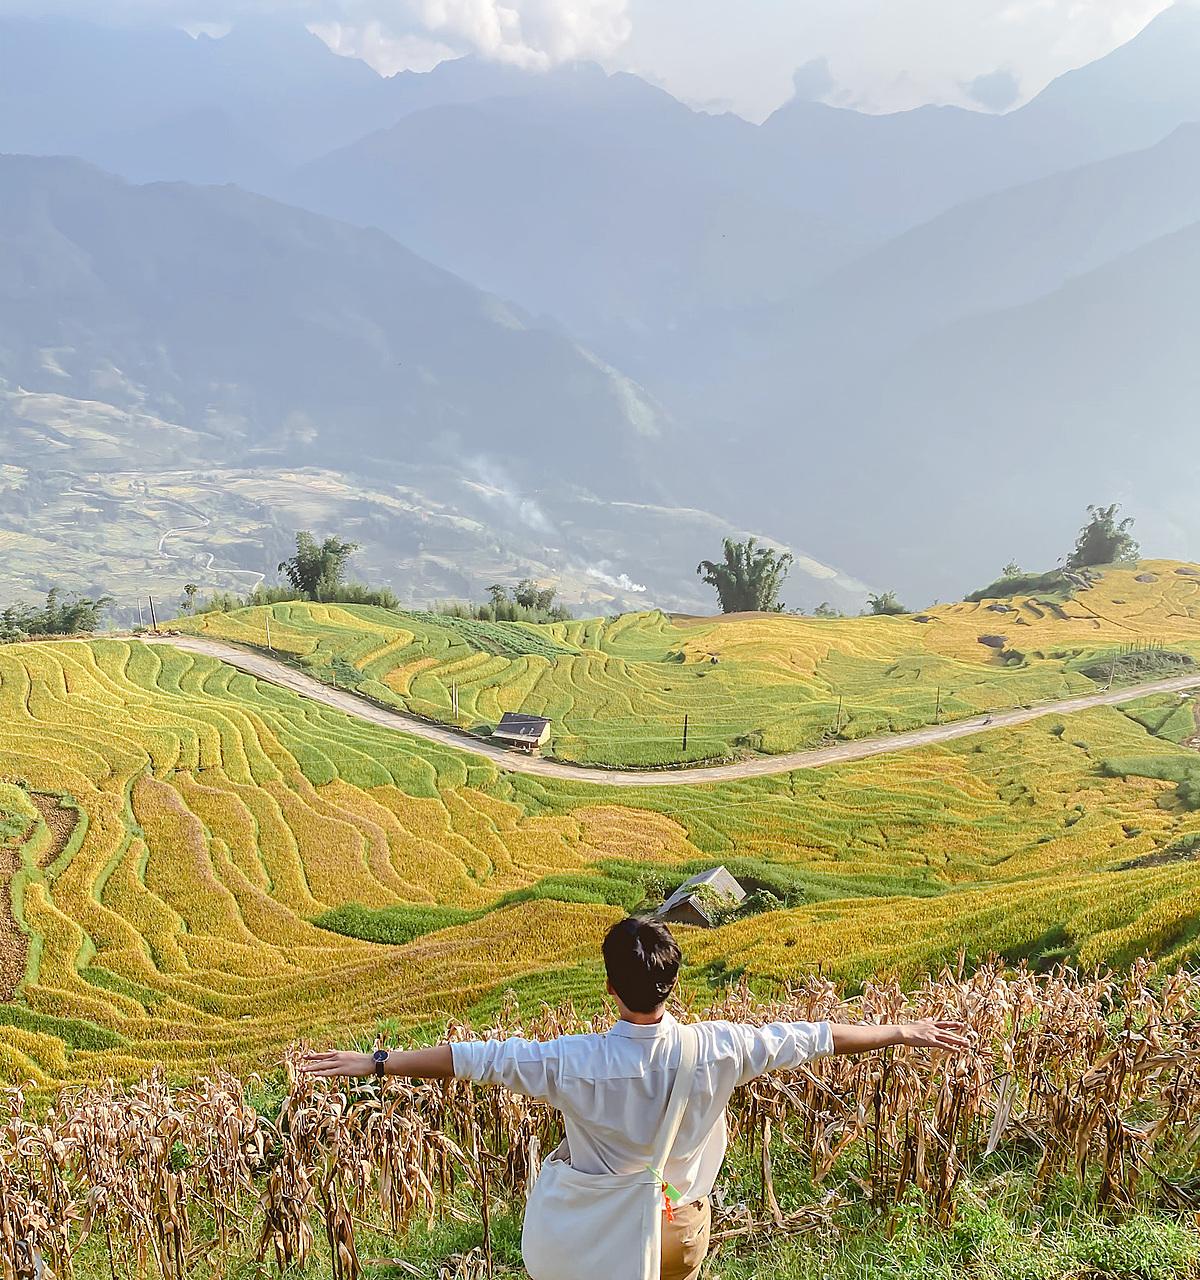 Những thảm vàng lúa chín trải rộng khắp các cung đường níu chân du khách. Lúa ở Y Tý hiện đã gặt khá nhiều và chỉ còn rải rác tới cuối tuần này là qua thời điểm đẹp nhất.